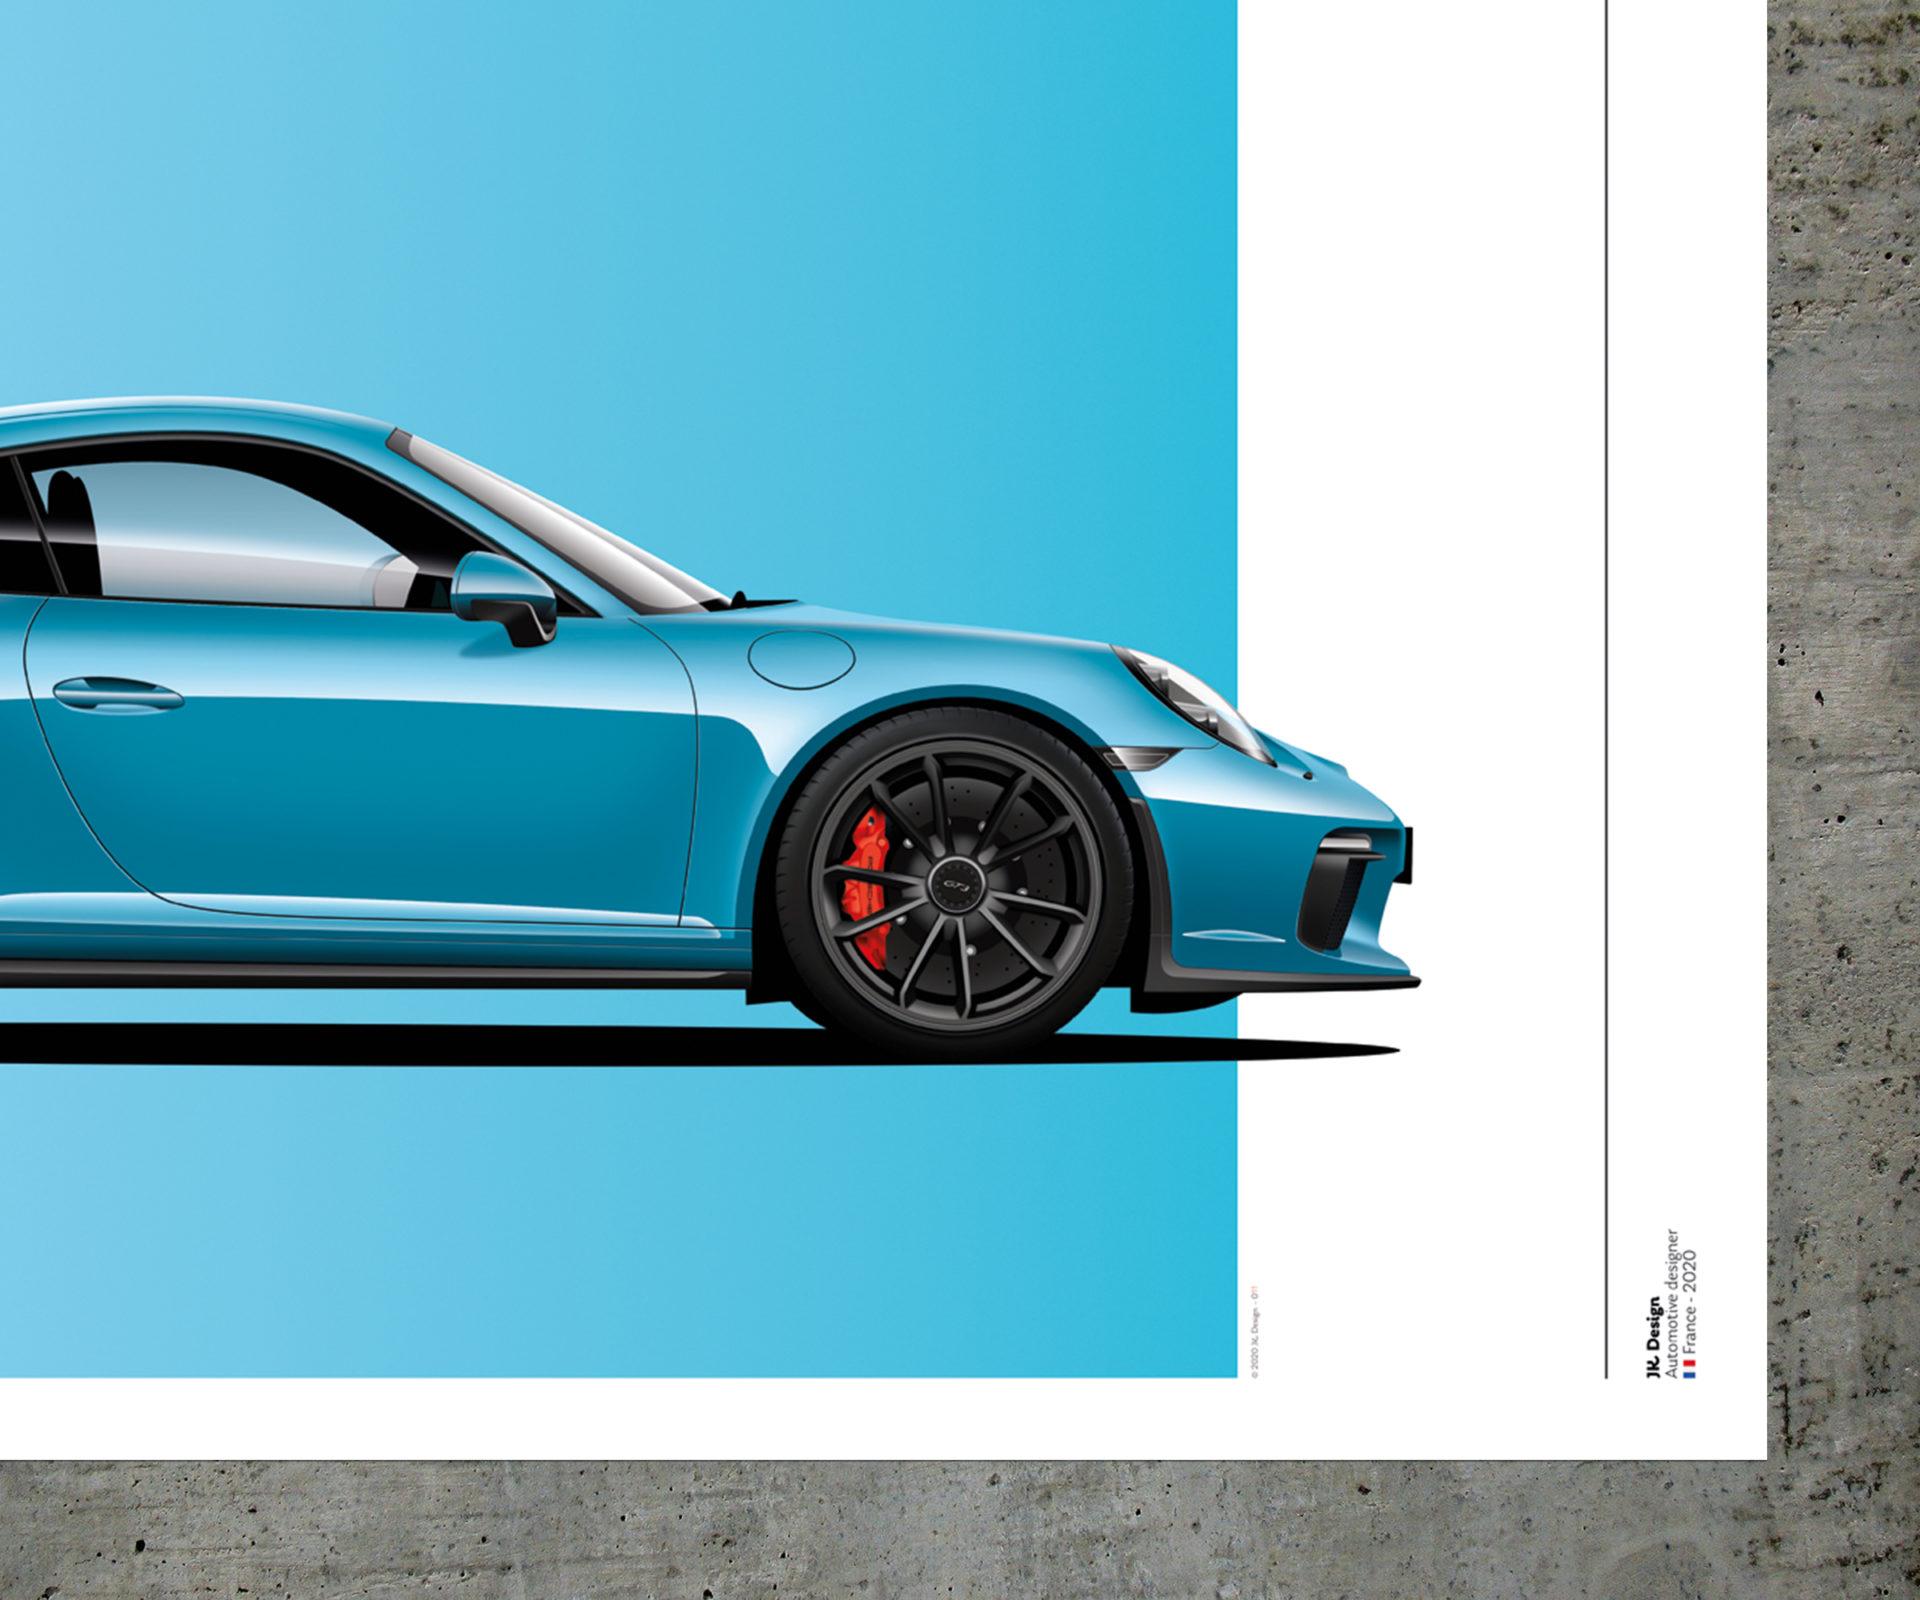 Jk Design - Porsche 911 GT3 - 14